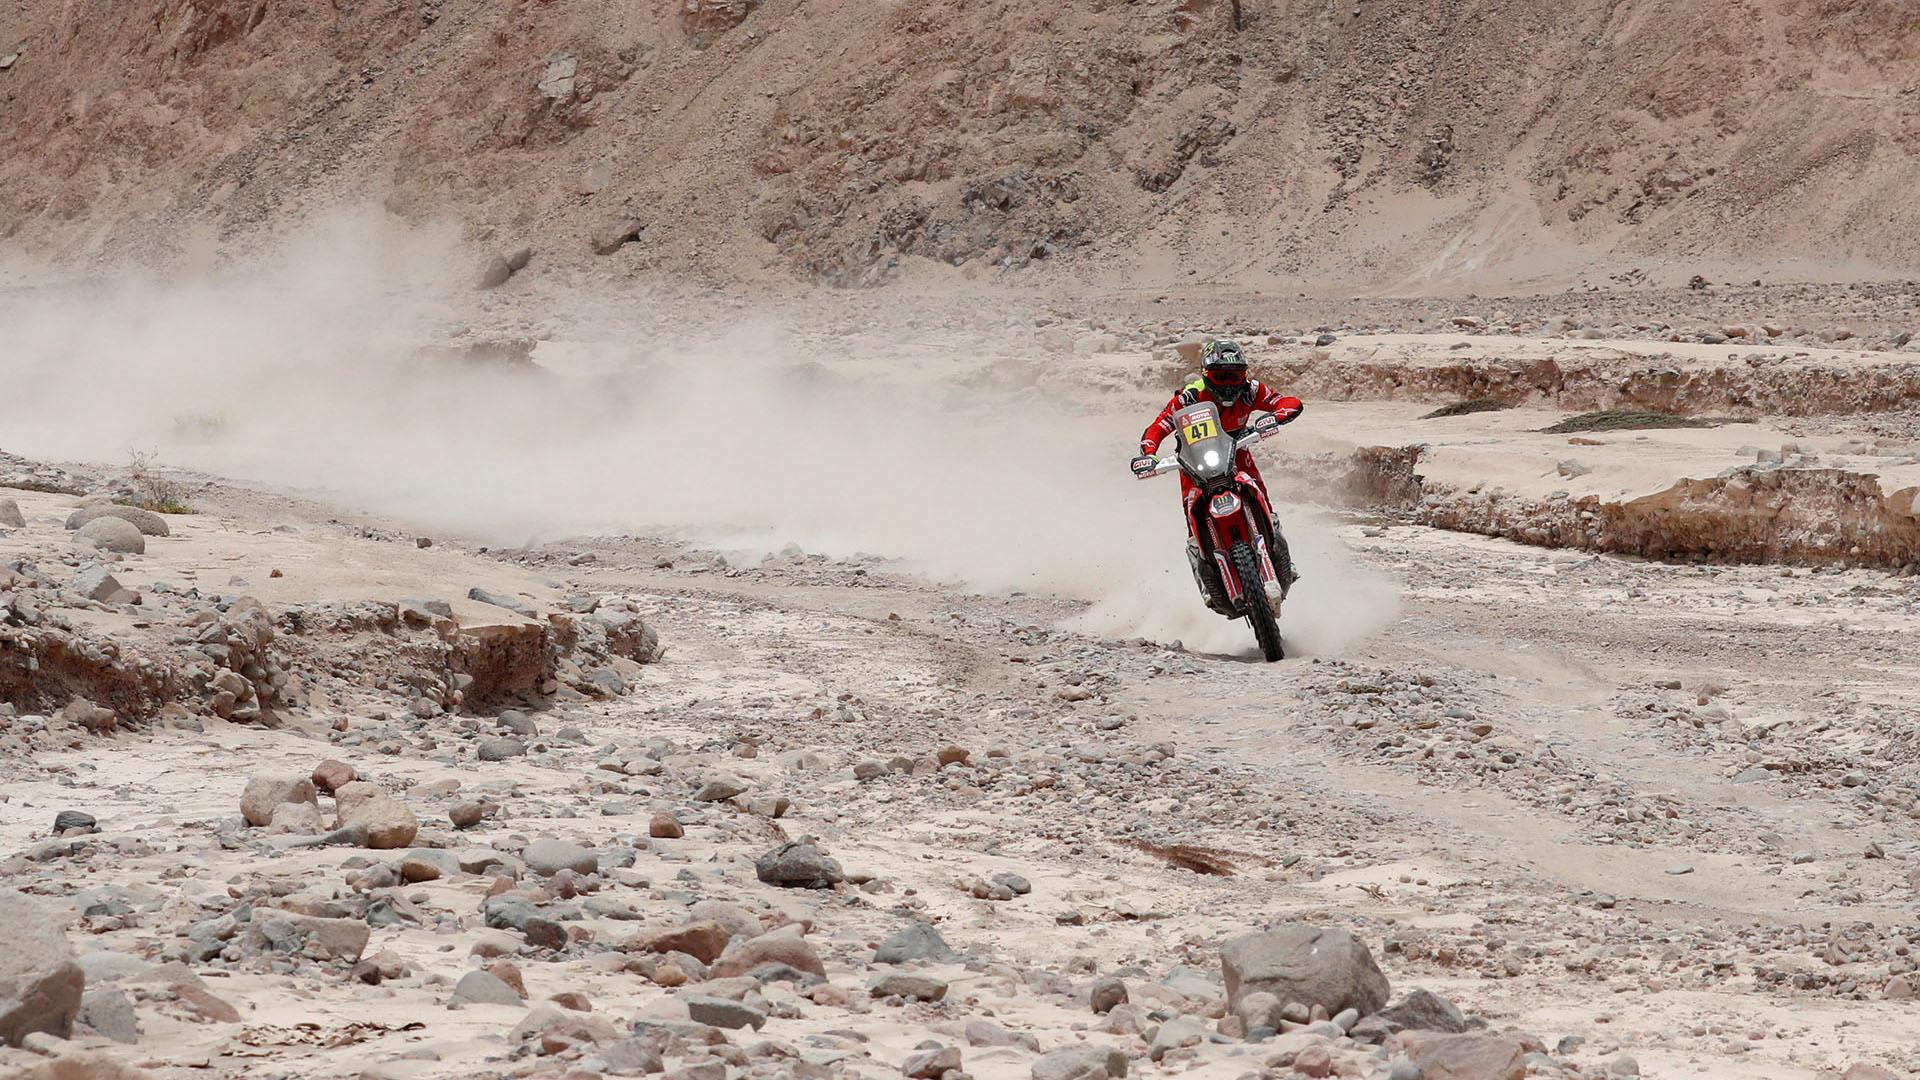 El estadounidense Ricky Brabec ganó la cuarta etapa de motos en el Dakar 2019 (REUTERS)